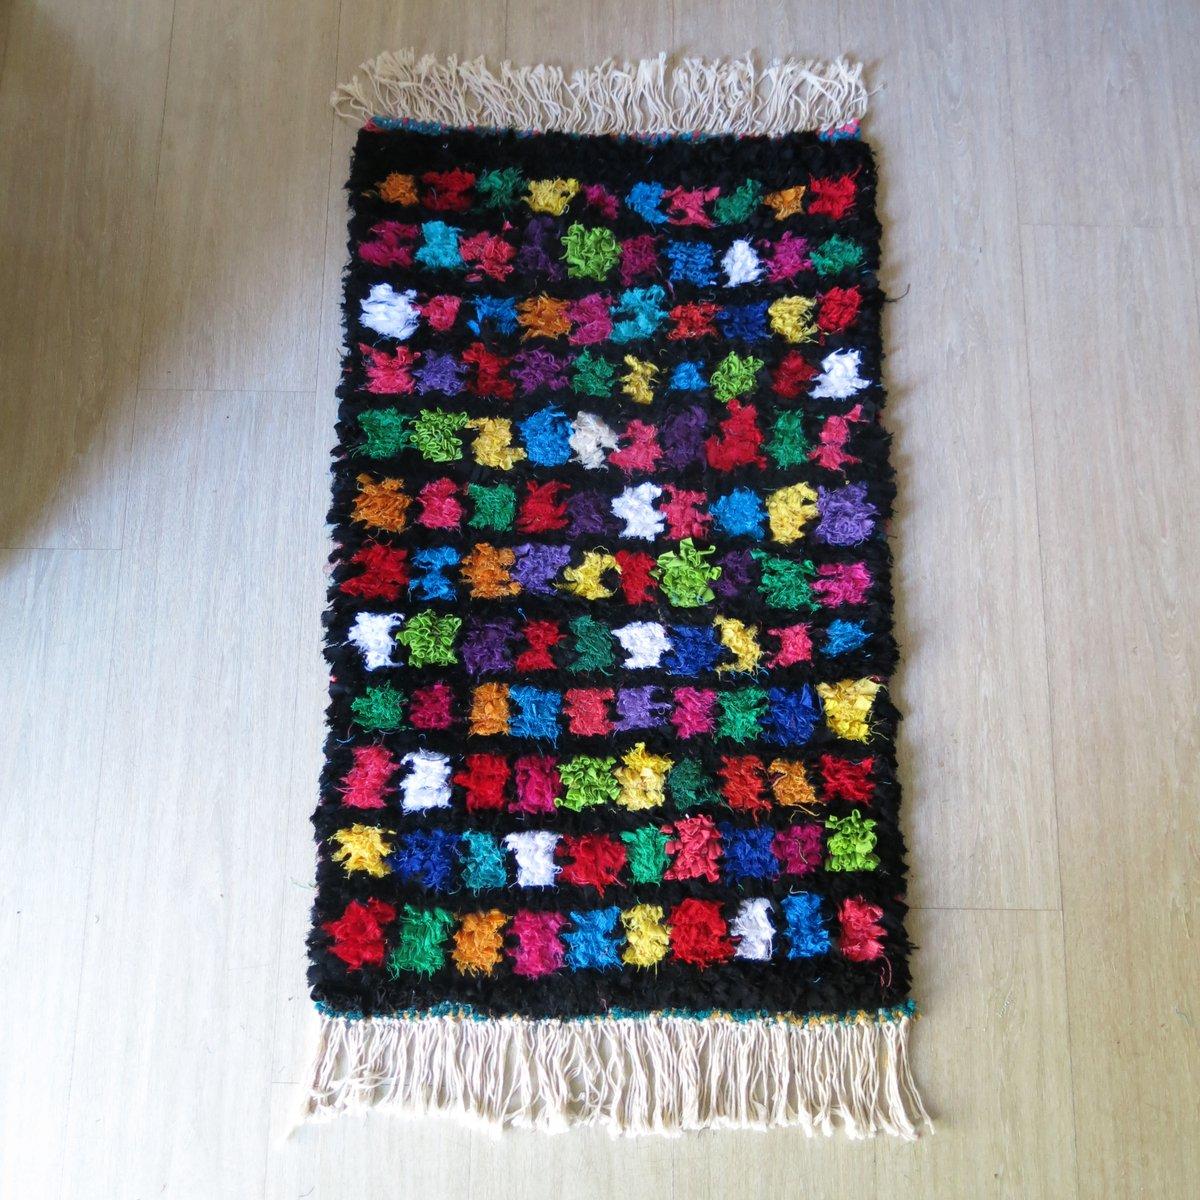 marokkanischer bunter kleiner teppich 1990er bei pamono kaufen. Black Bedroom Furniture Sets. Home Design Ideas